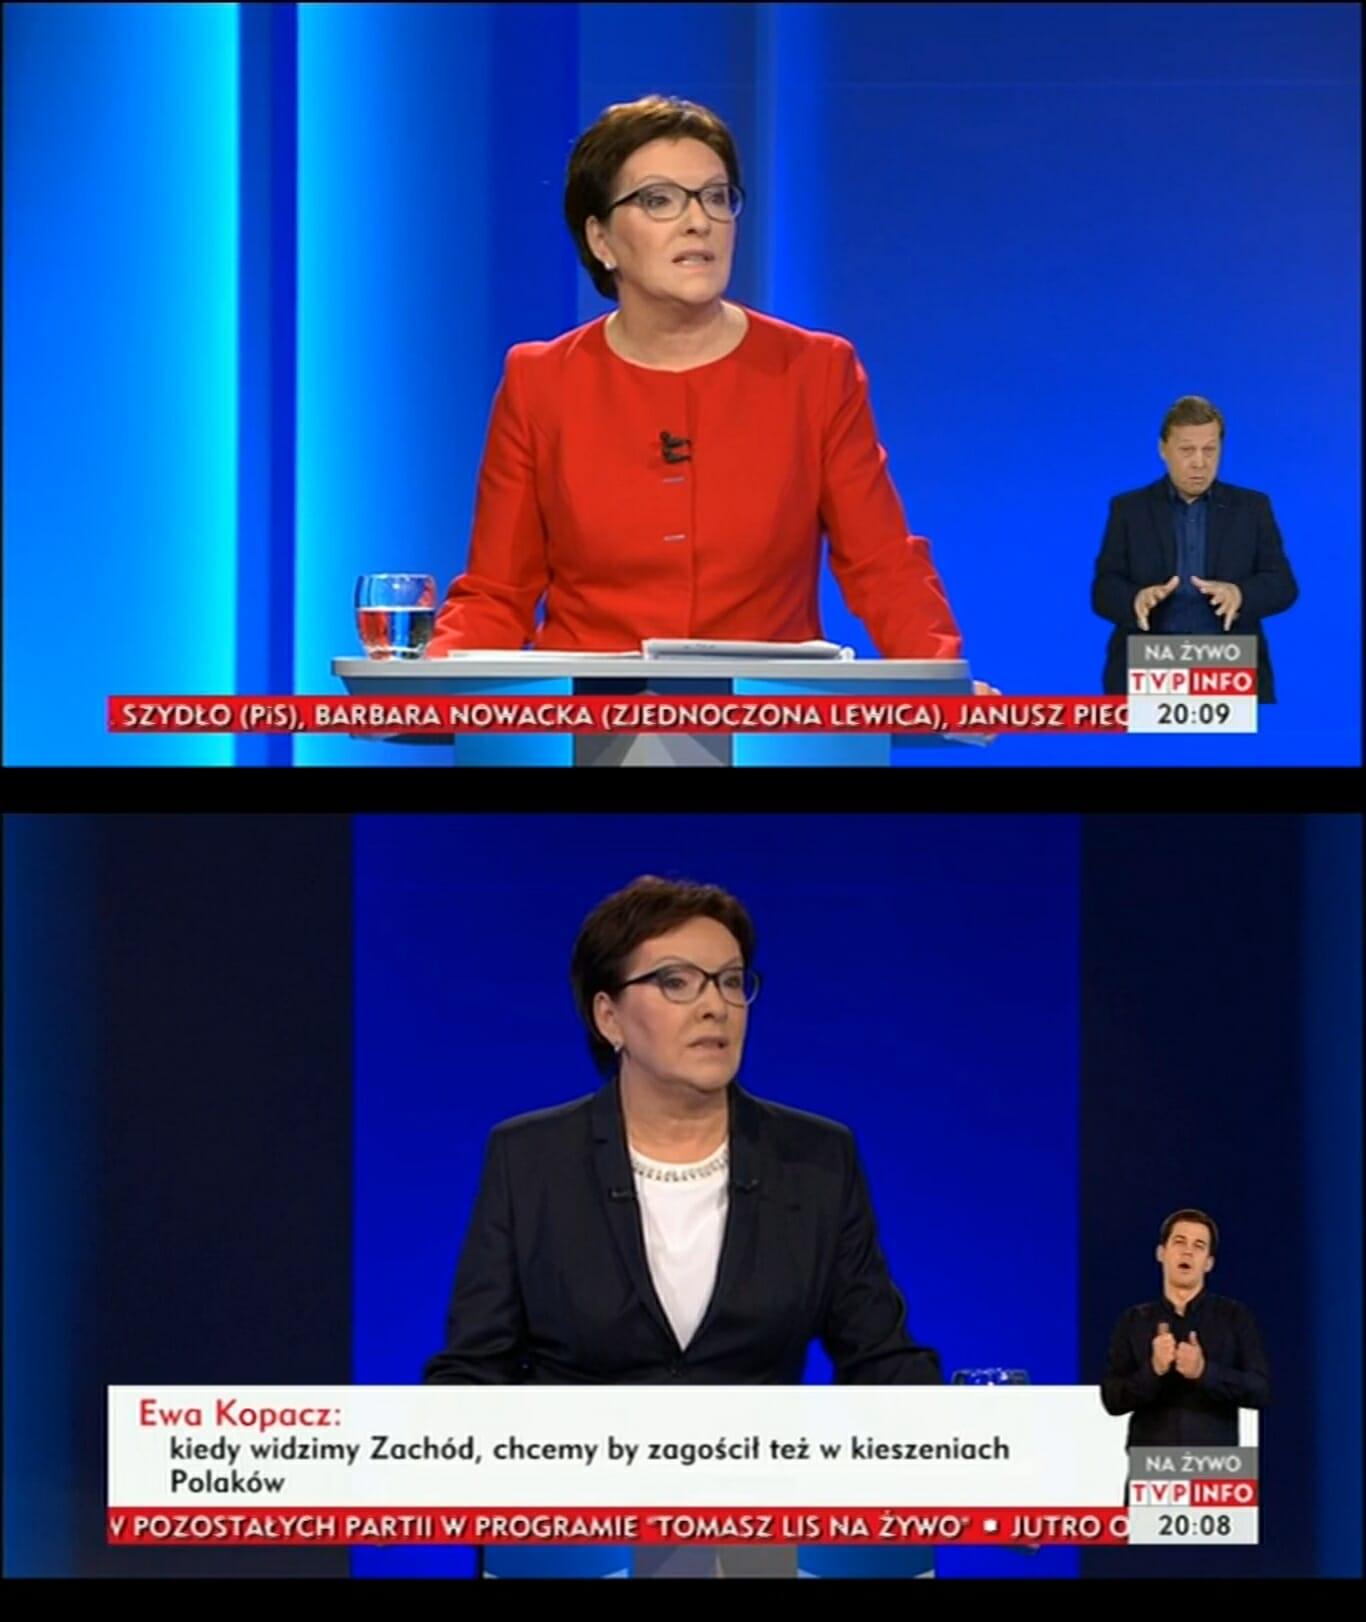 Ewa Kopacz debata liderów-vert